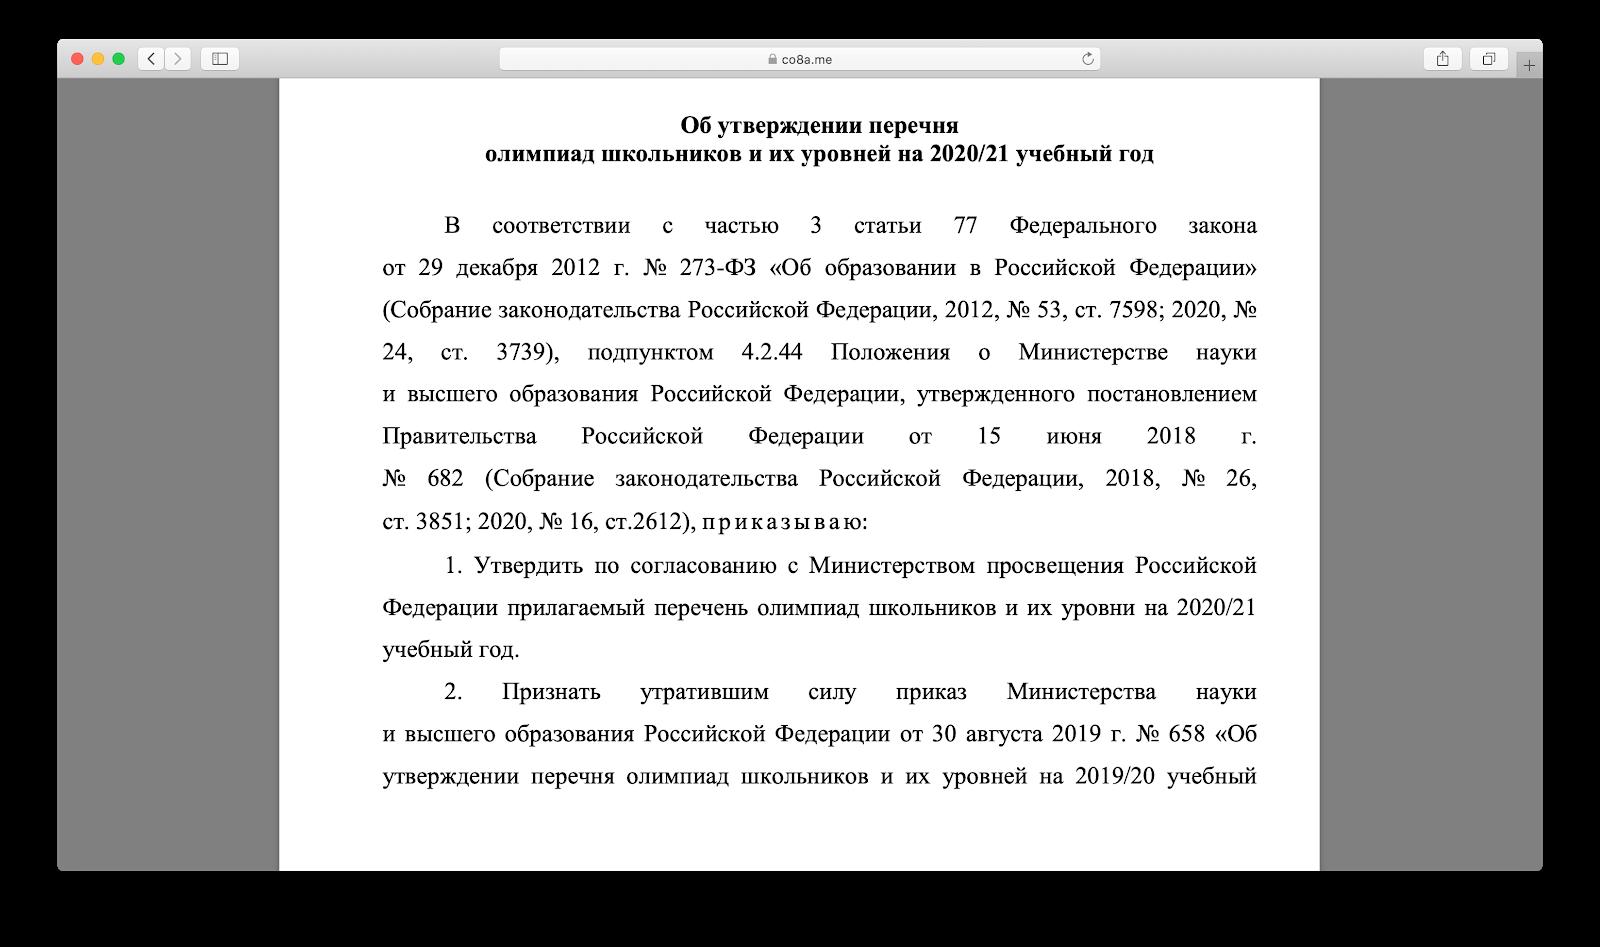 Документ с полным перечнем олимпиад текущего года